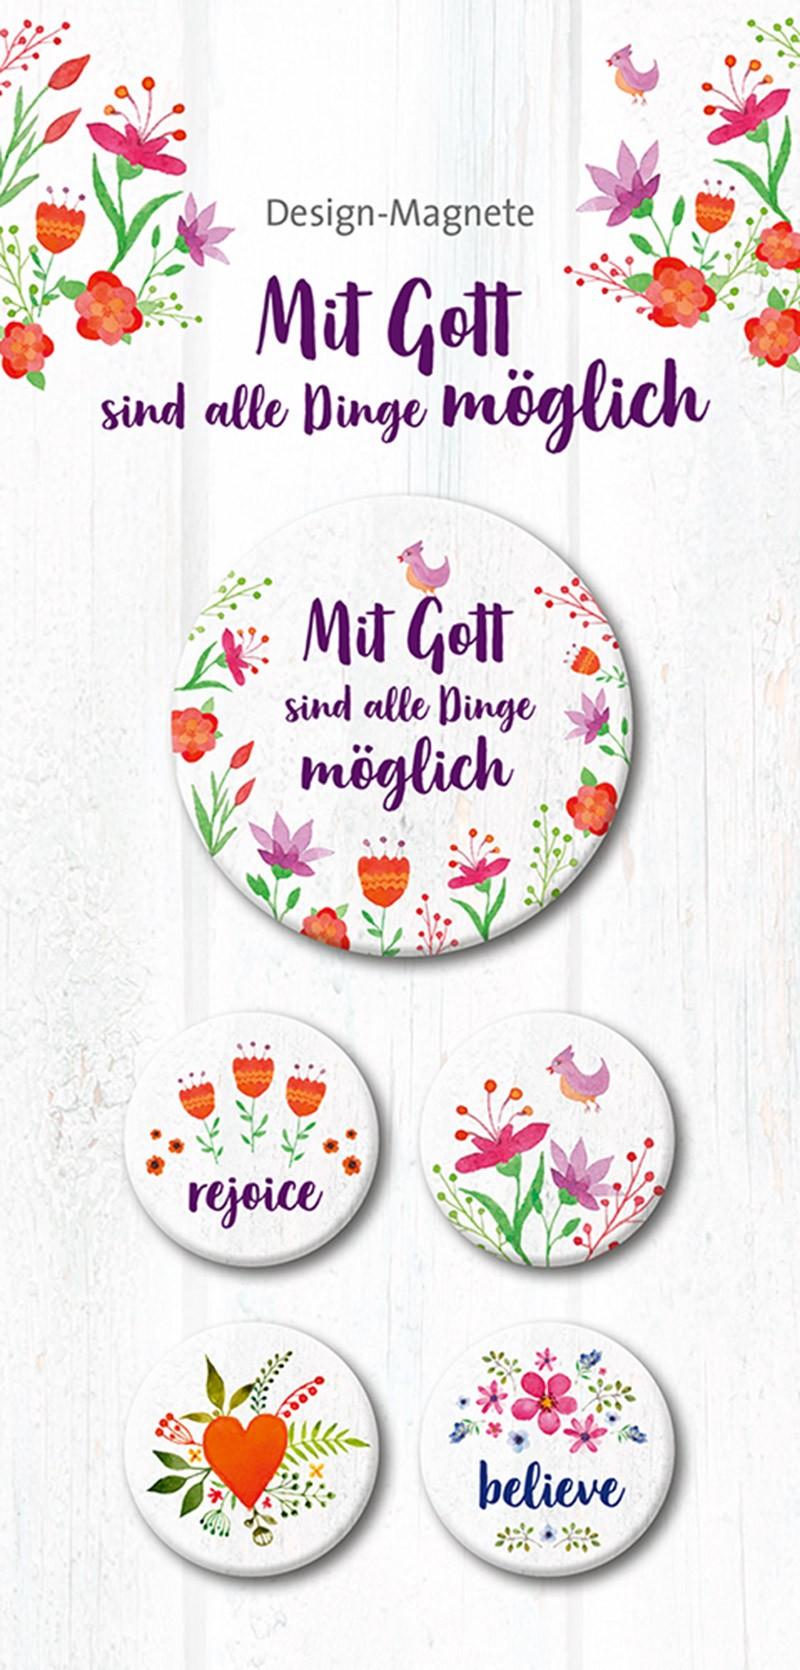 Mit Gott sind alle Dinge möglich - 5er-Magnet-Set